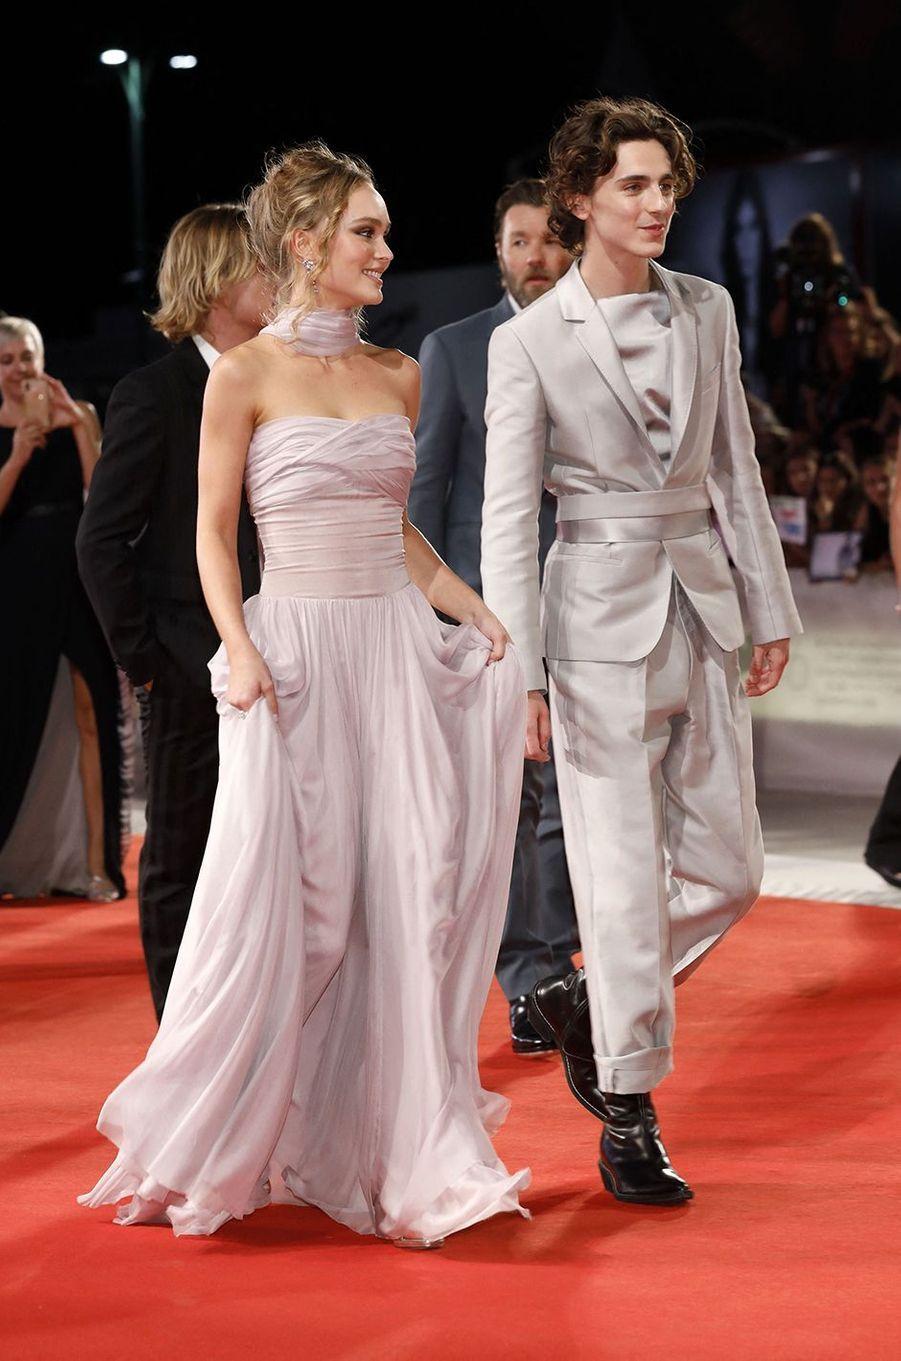 La rupture entre Lily-Rose Depp et Timothée Chalamet, rencontrés sur le tournage de «The King», a été mentionnée en avril 2020 dans un portrait consacré à l'acteur dans le magazine «Vogue UK».